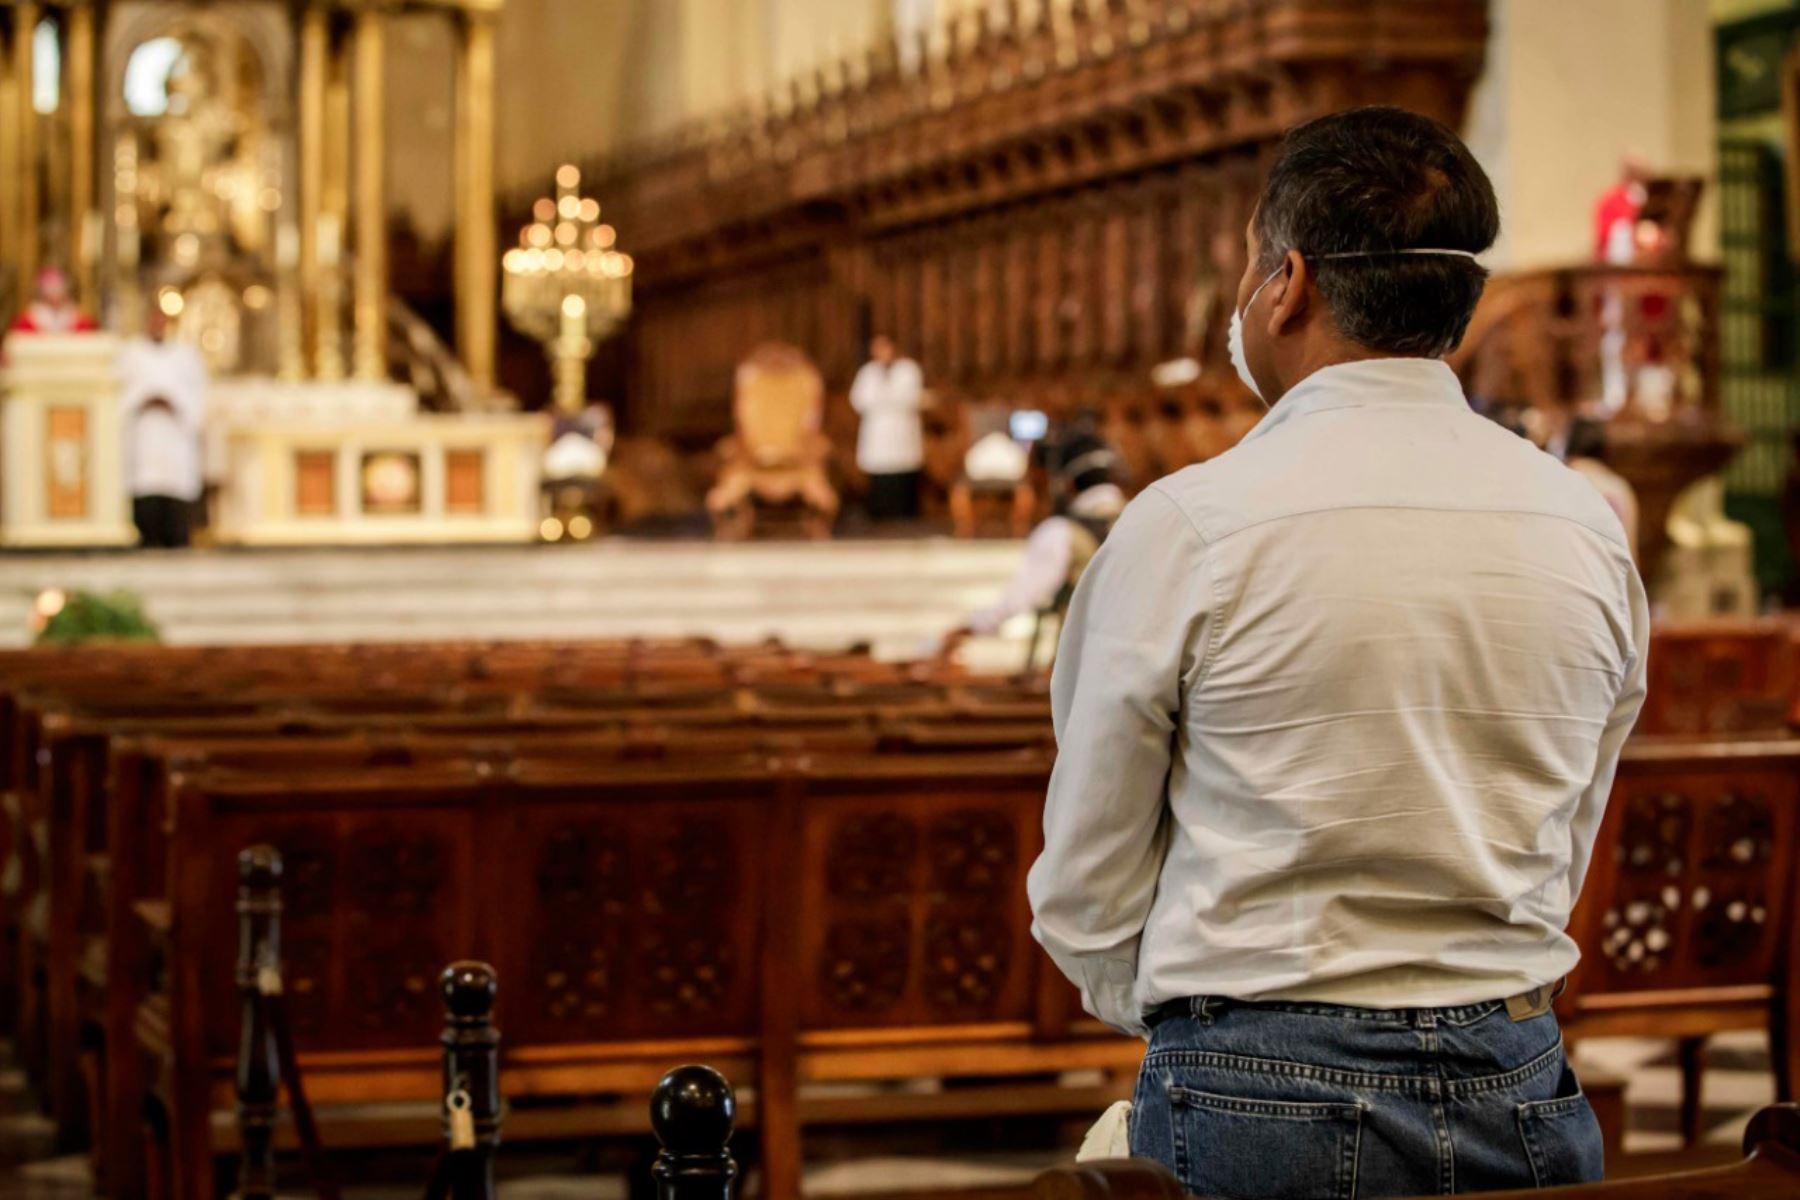 Monseñor Carlos Castillo, Arzobispo de Lima y Primado del Perú, presidió la Celebración Eucarística de este Domingo de Ramos a puertas cerradas y en memoria de todas las personas fallecidas por el coronavirus. Foto:Arzobispado de Lima - Katherine Cárdenas